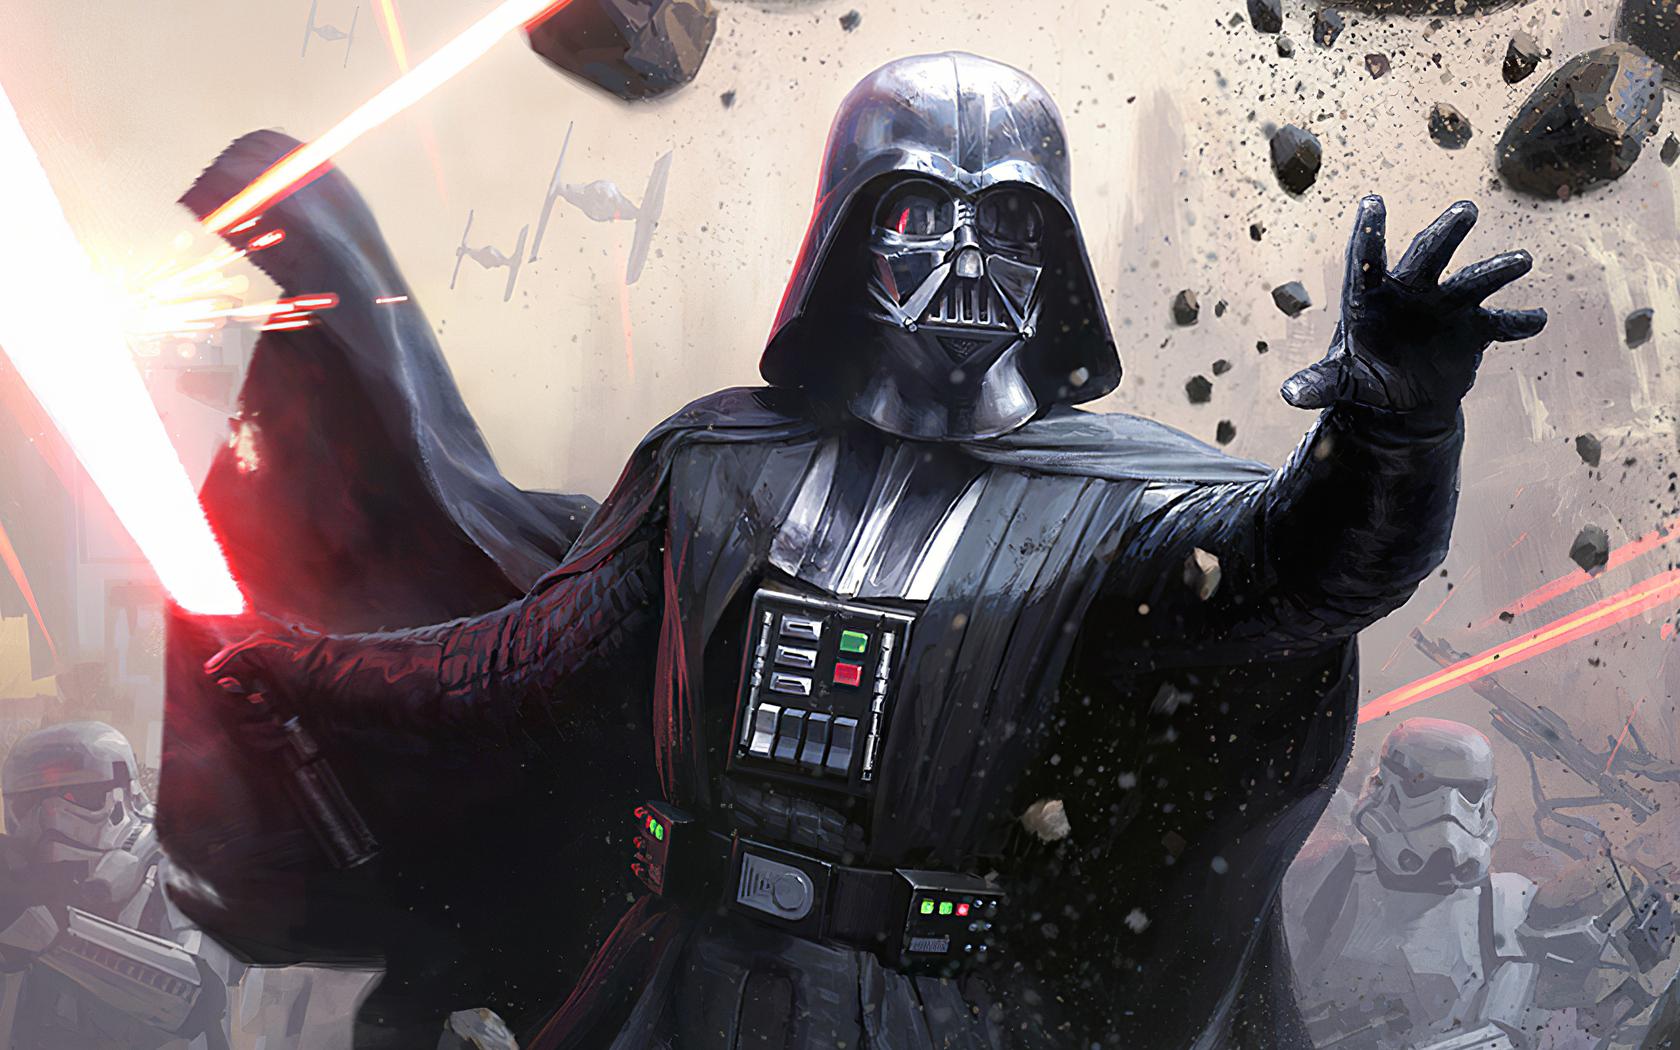 1680x1050 Darth Vader 4k 2020 1680x1050 Resolution HD 4k ...